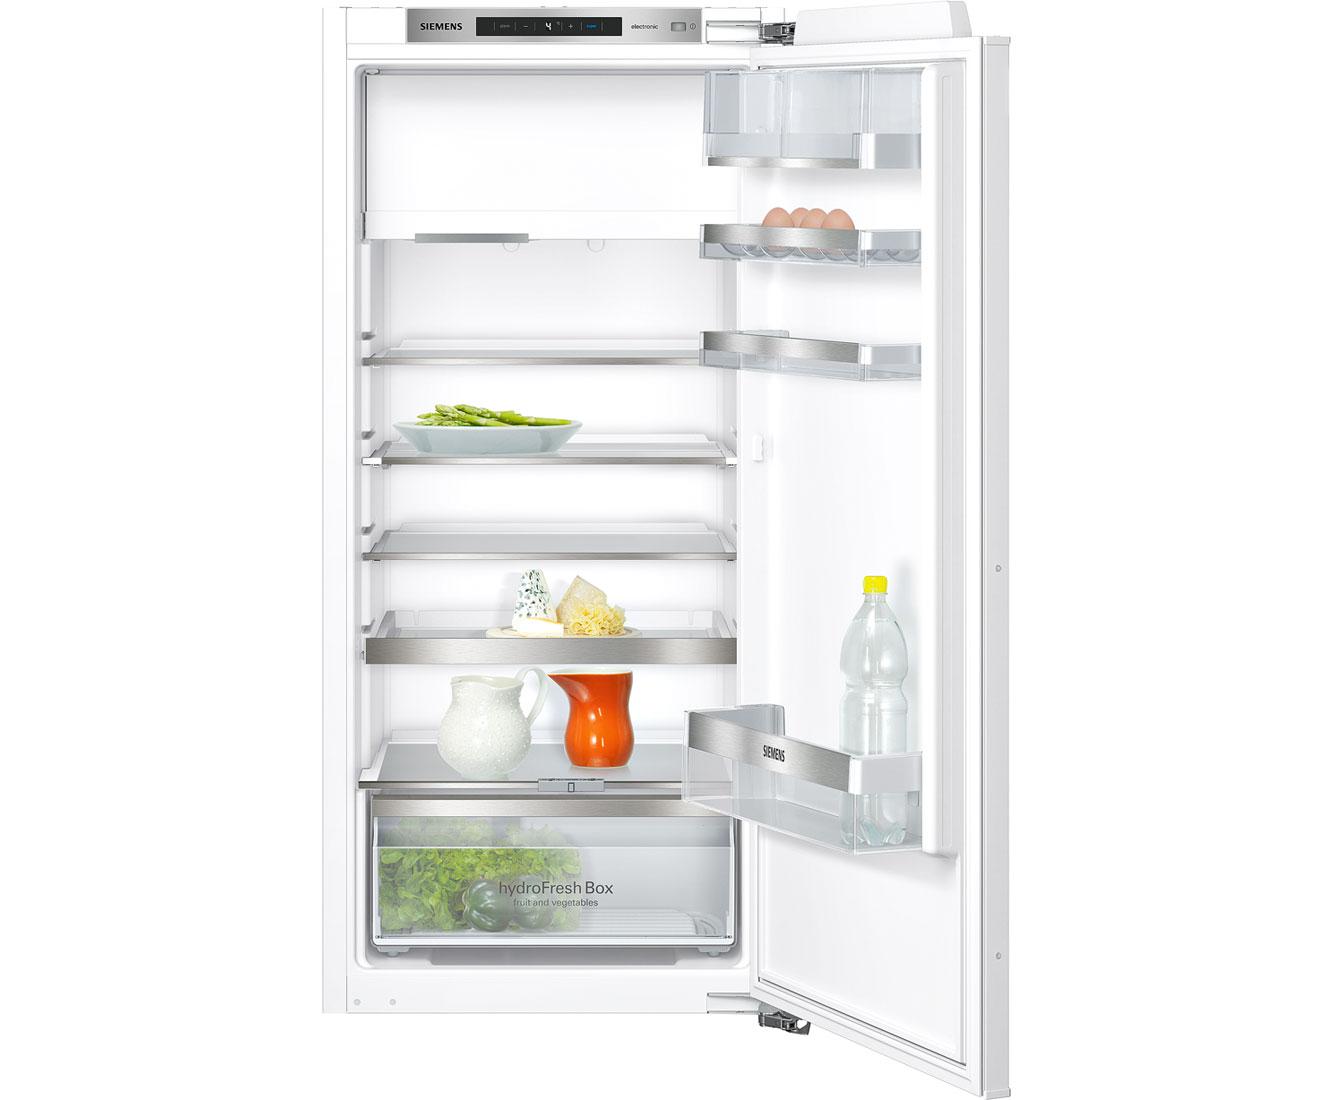 Siemens iQ500 KI42LAD40 Einbau-Kühlschrank mit Gefrierfach - 122er ...